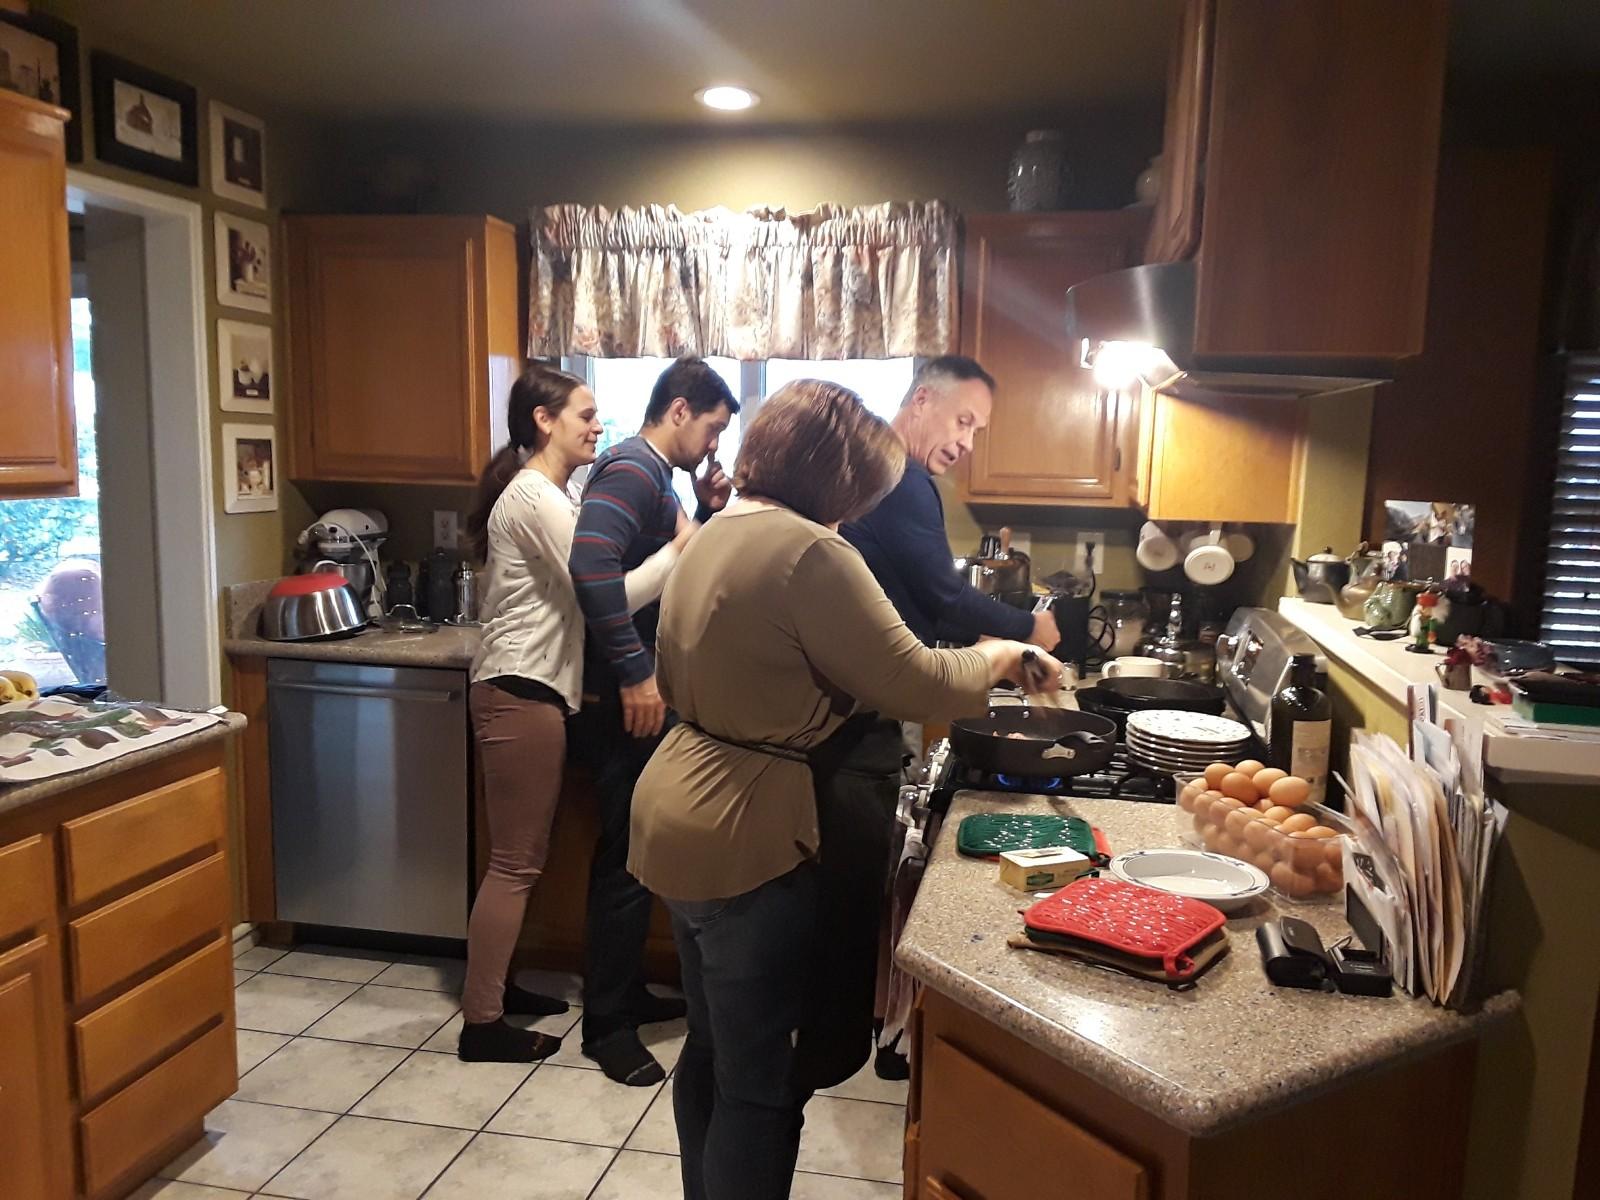 康克校牧經常想念與家人一起在廚房準備餐點及一起吃飯、親密的家庭關係與溫暖。.jpg